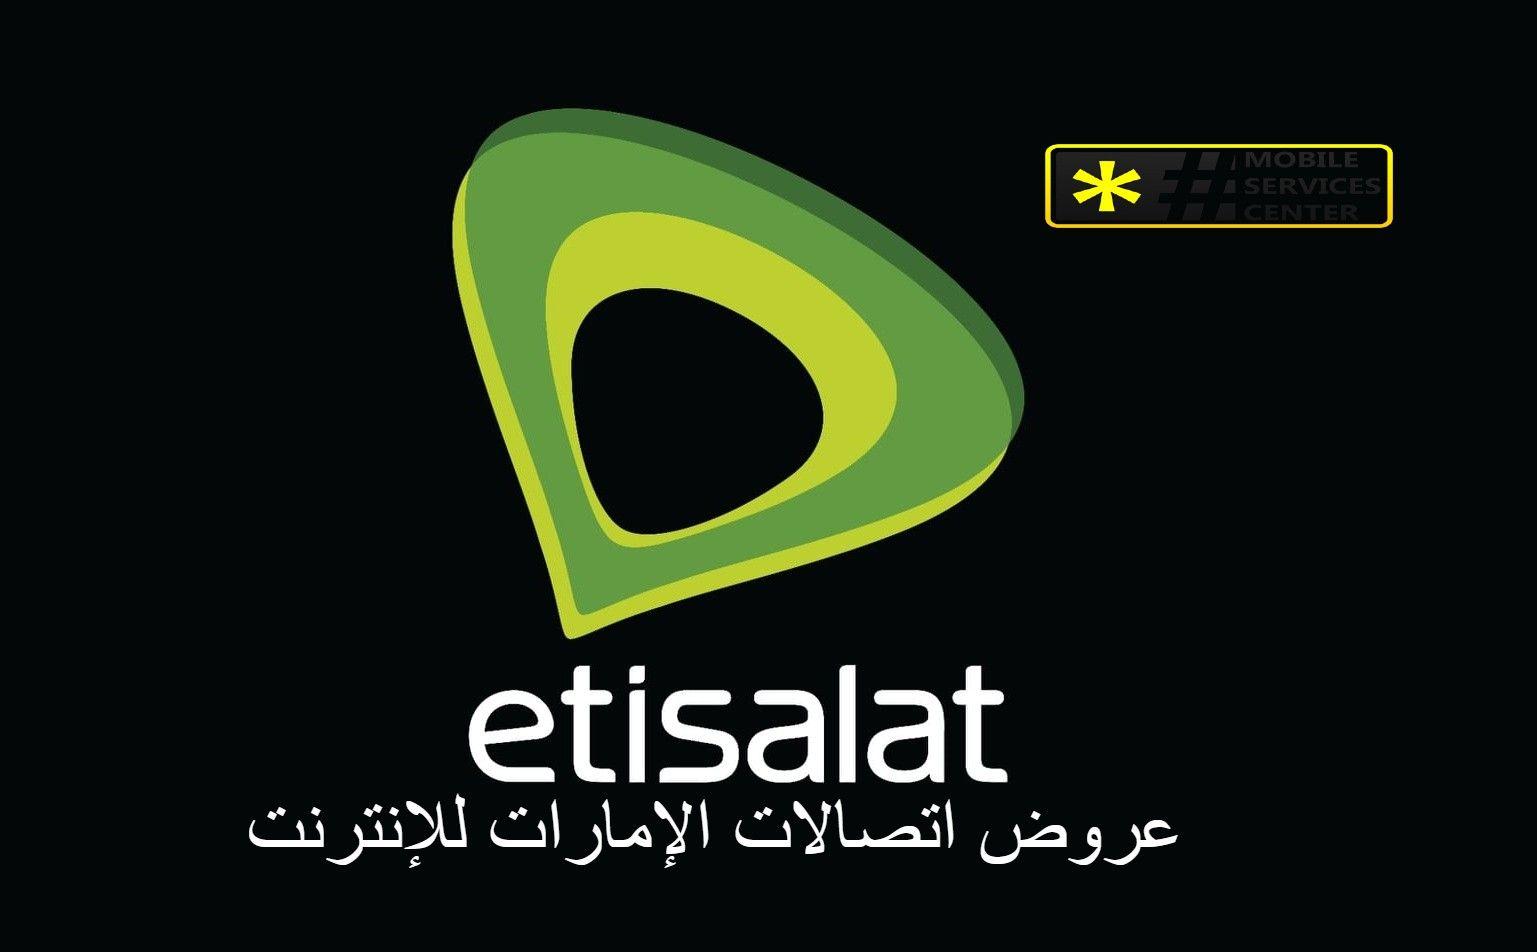 Pin By Islam Hamed On Mix Company Logo Tech Company Logos Gaming Logos